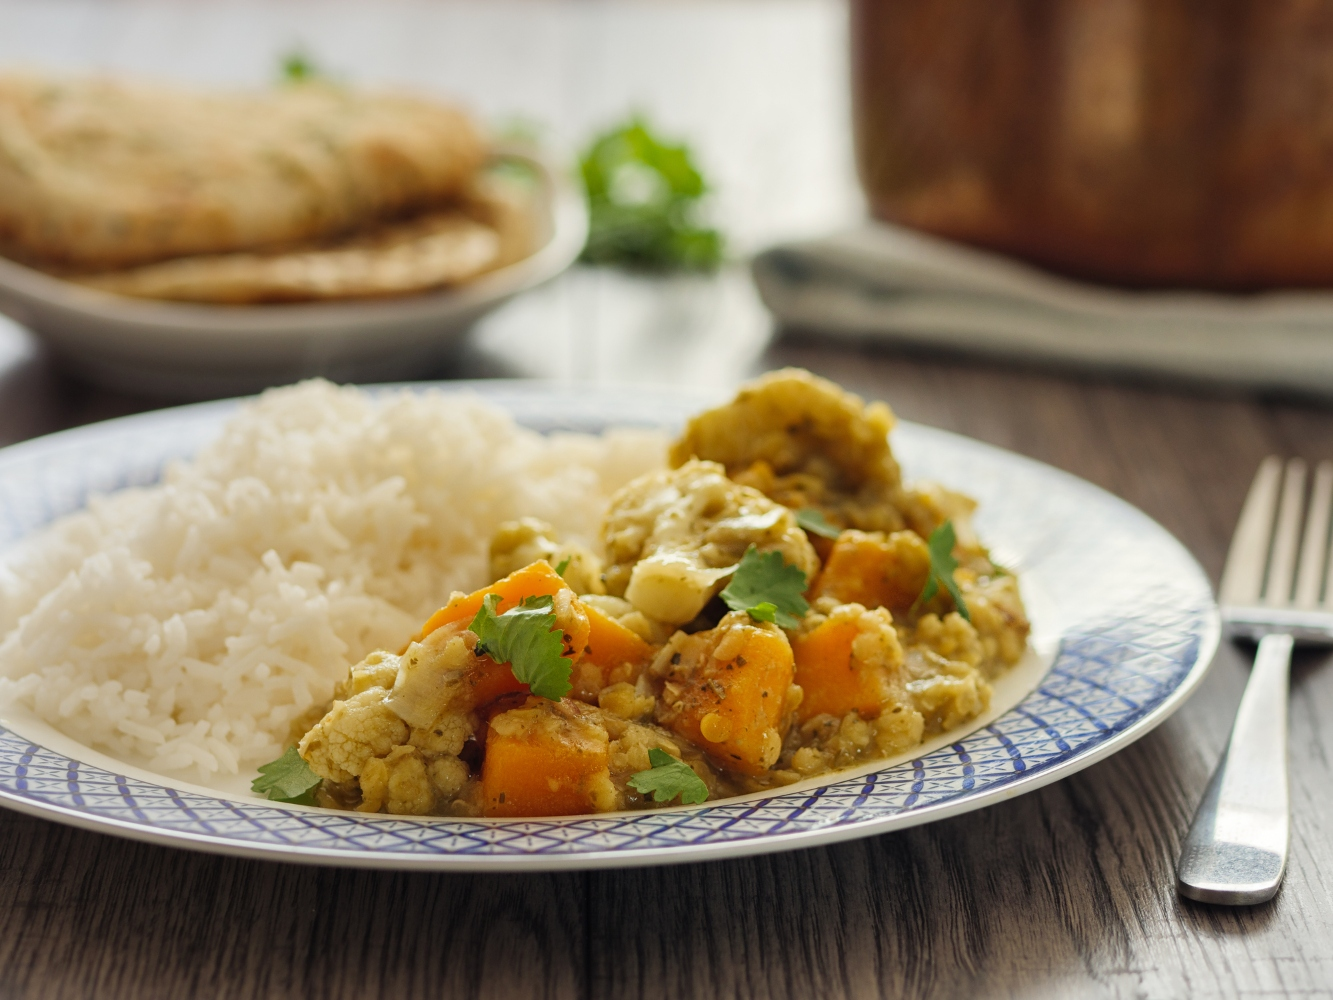 prato com caril de lentilhas com arroz basmati